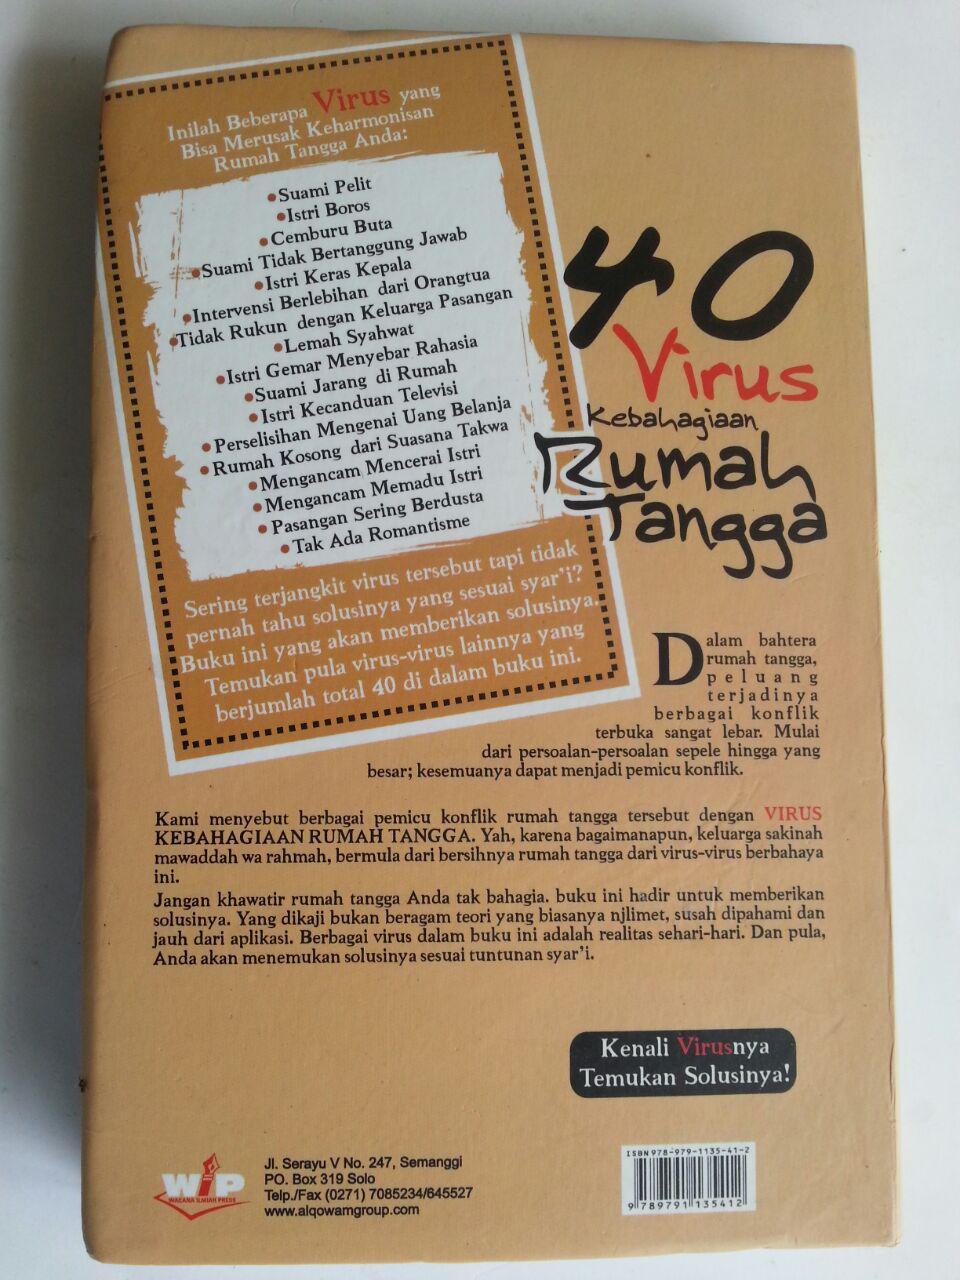 Buku 40 Virus Kebahagiaan Rumah Tangga Solusi Mengatasi Penoda cover